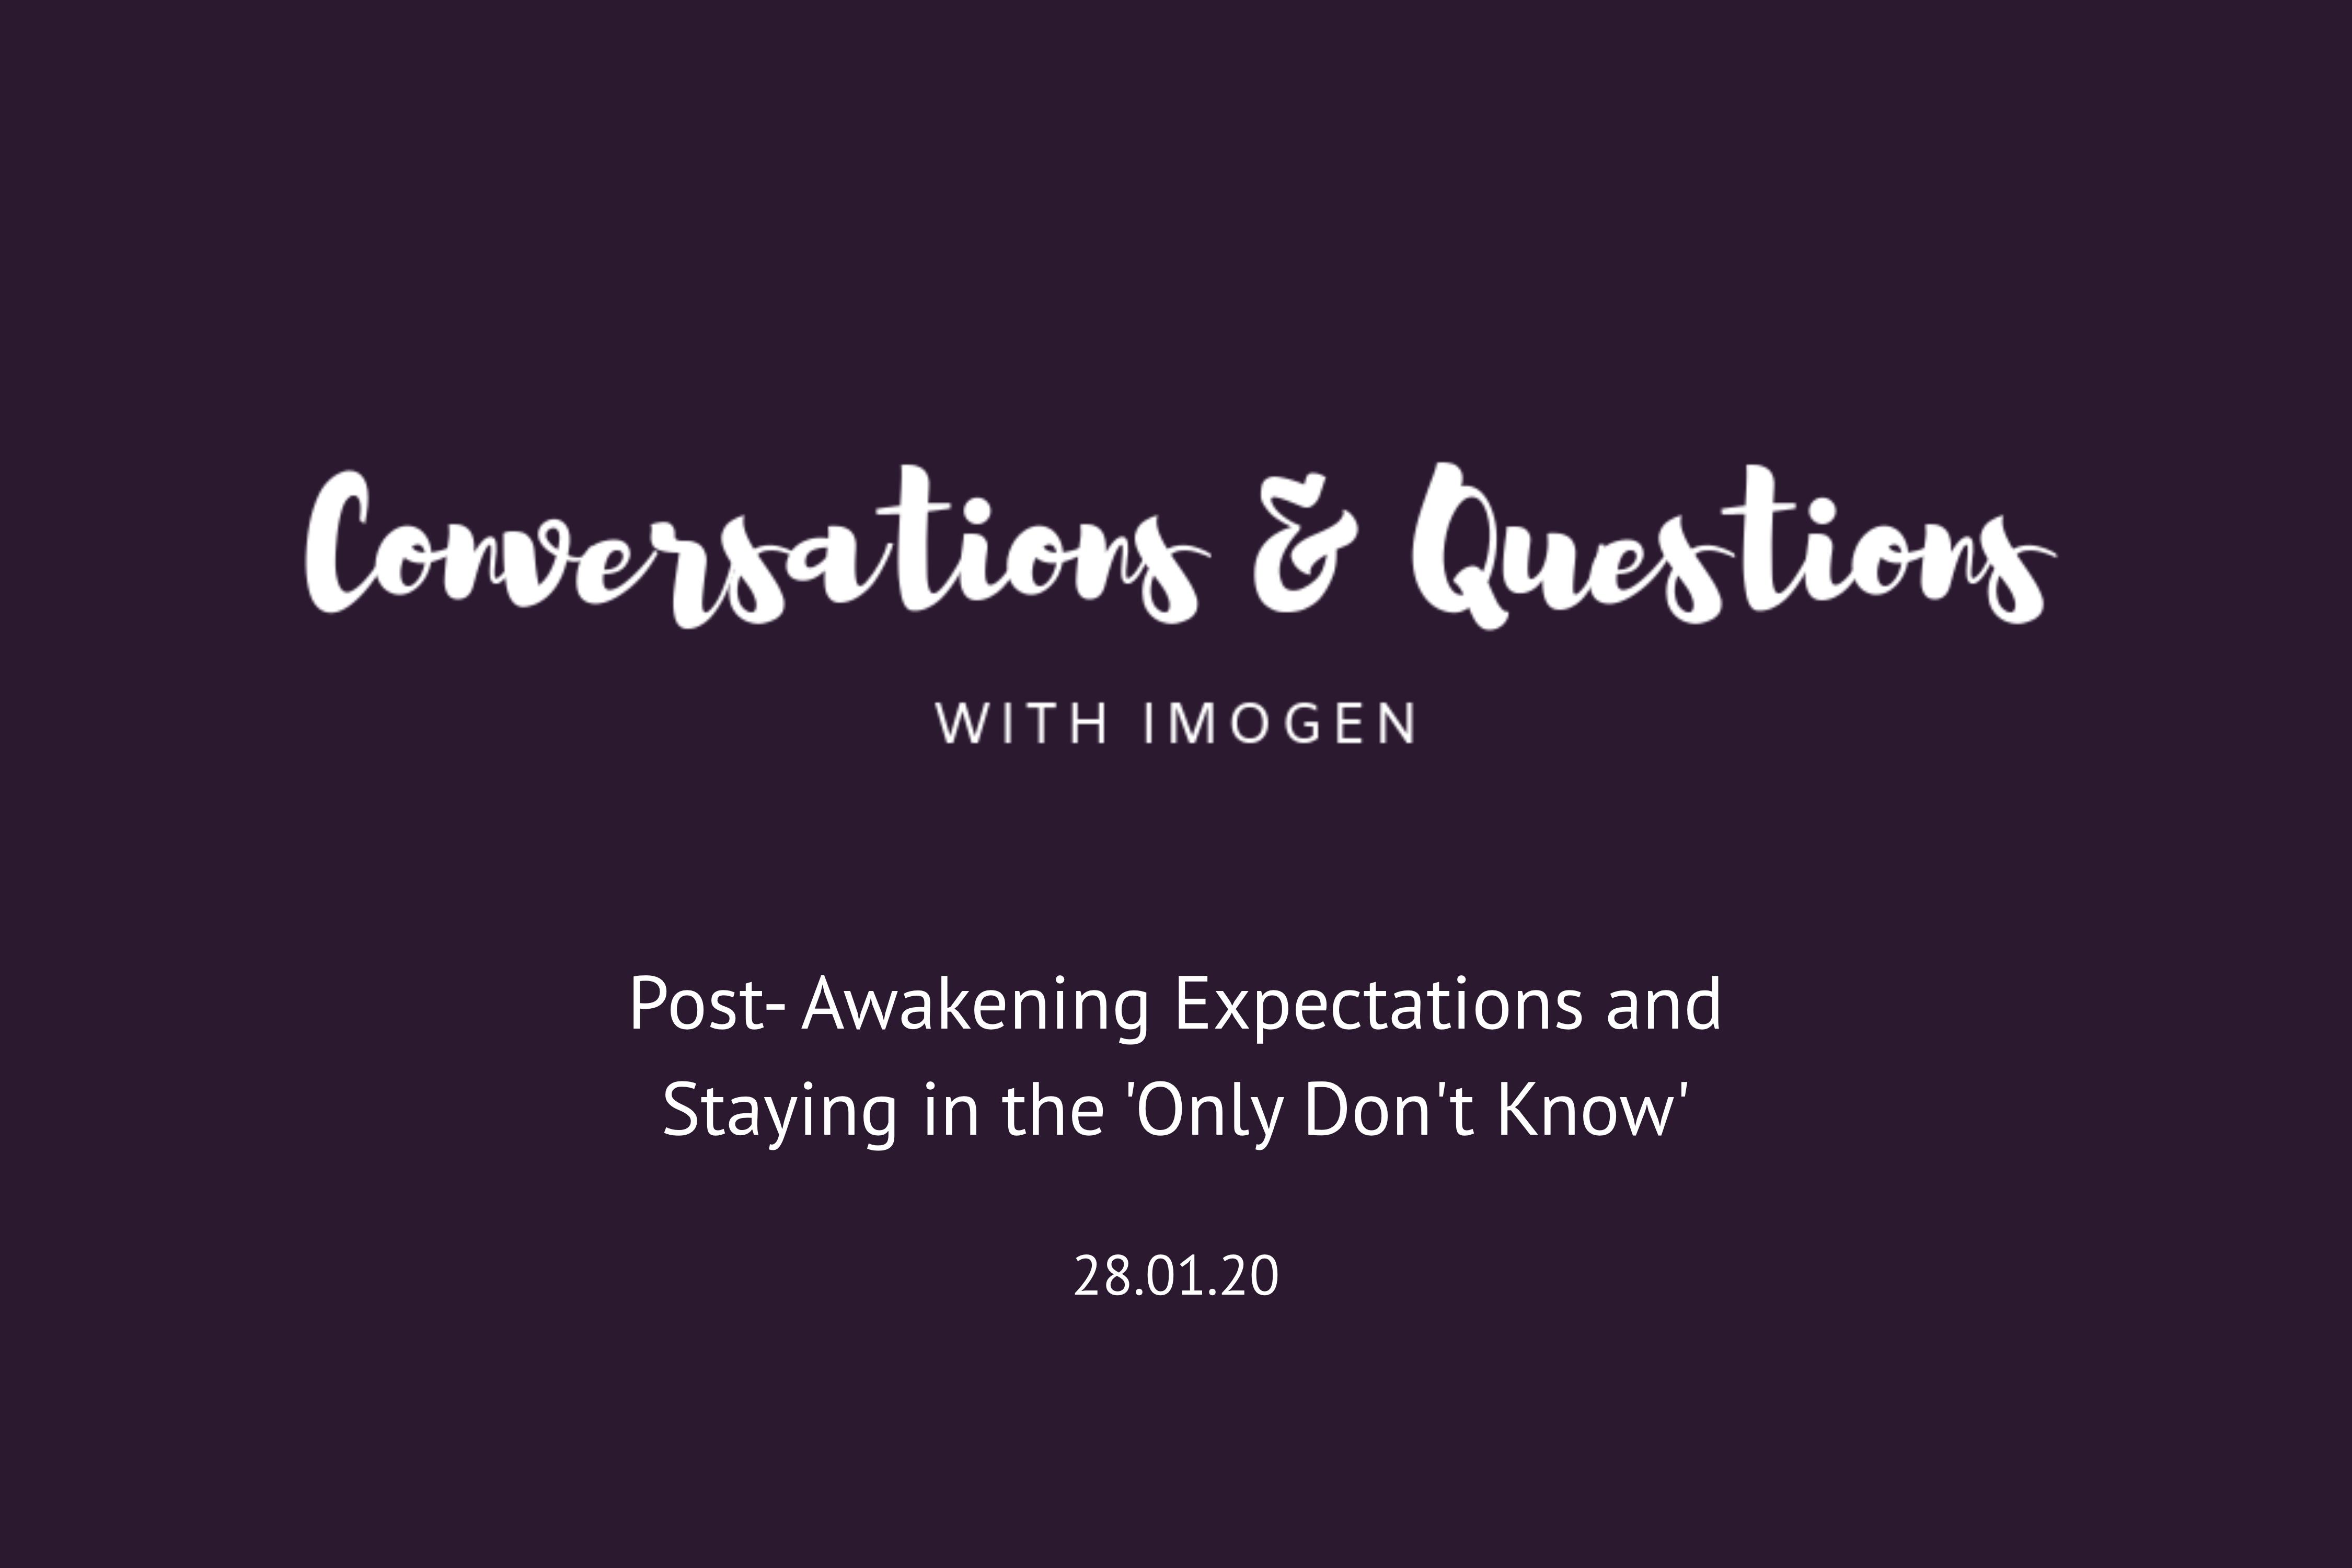 Conversations & Questions: 28/01/20